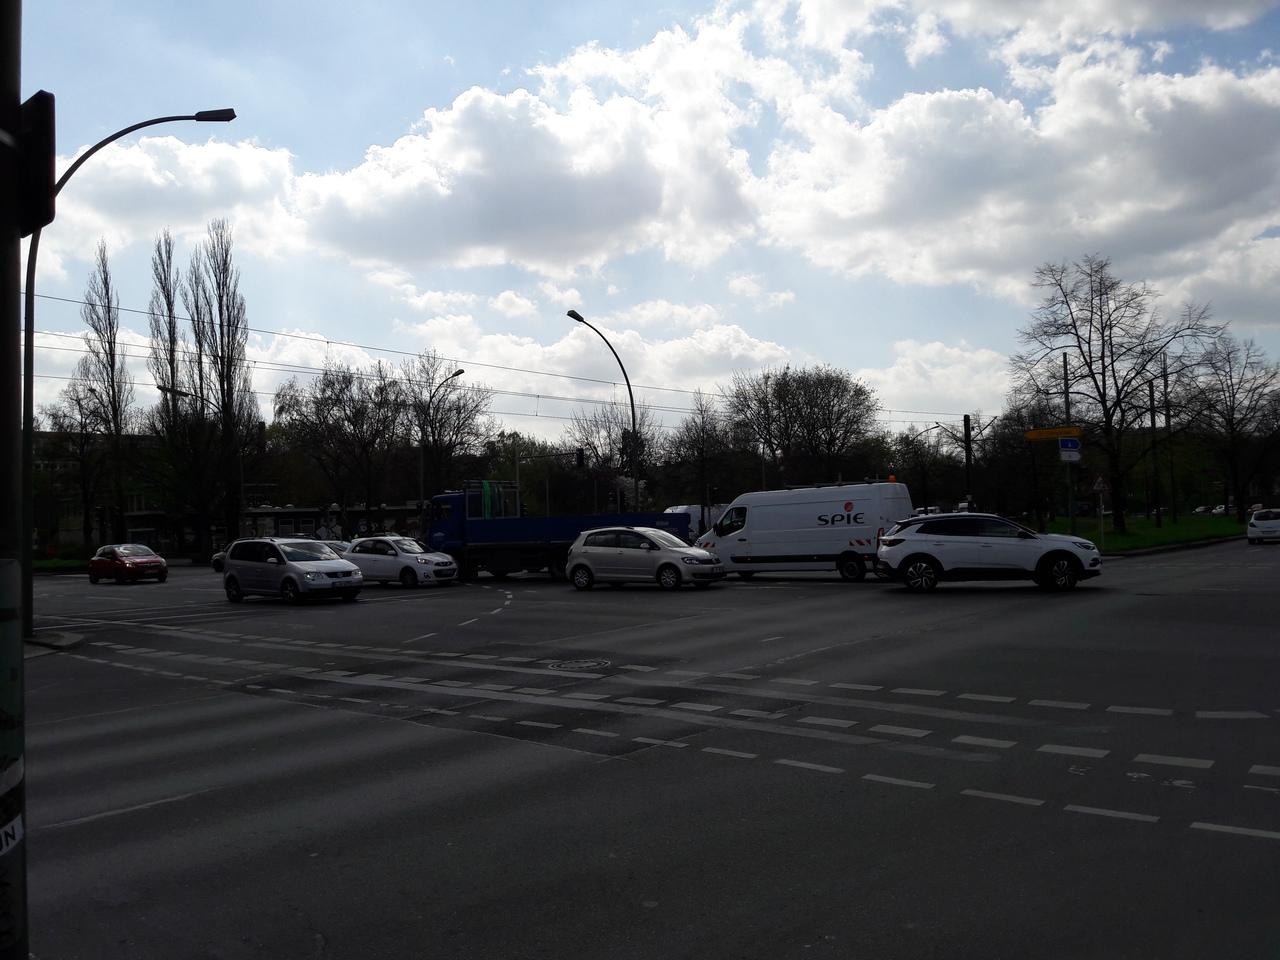 parkplatz-louise-schrhys9j.jpg